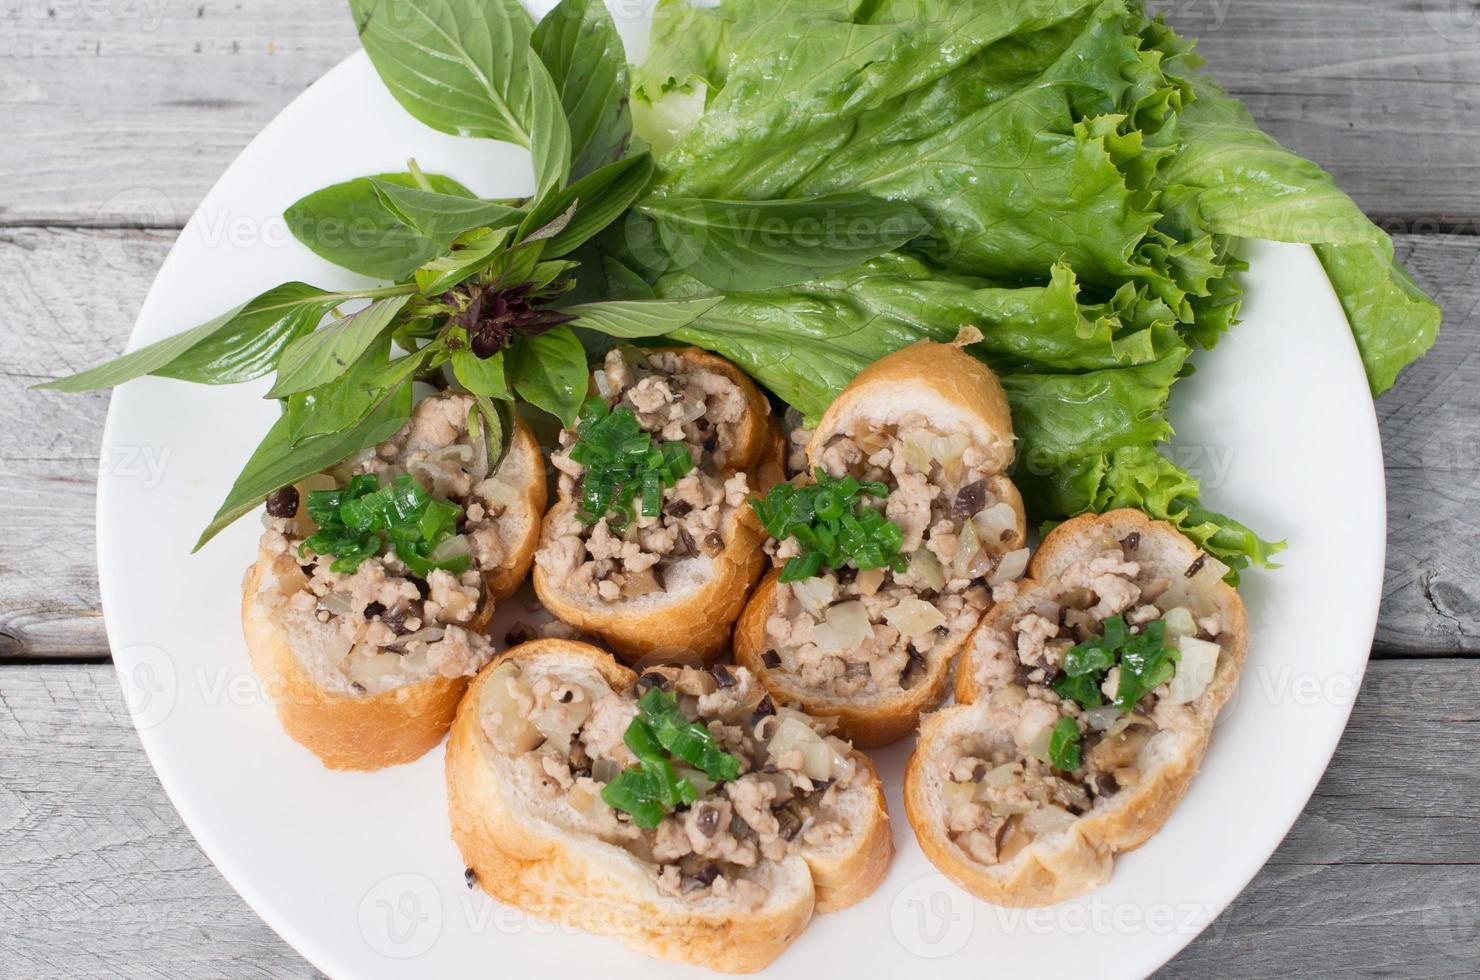 Vietnamese steamed bread with pork photo